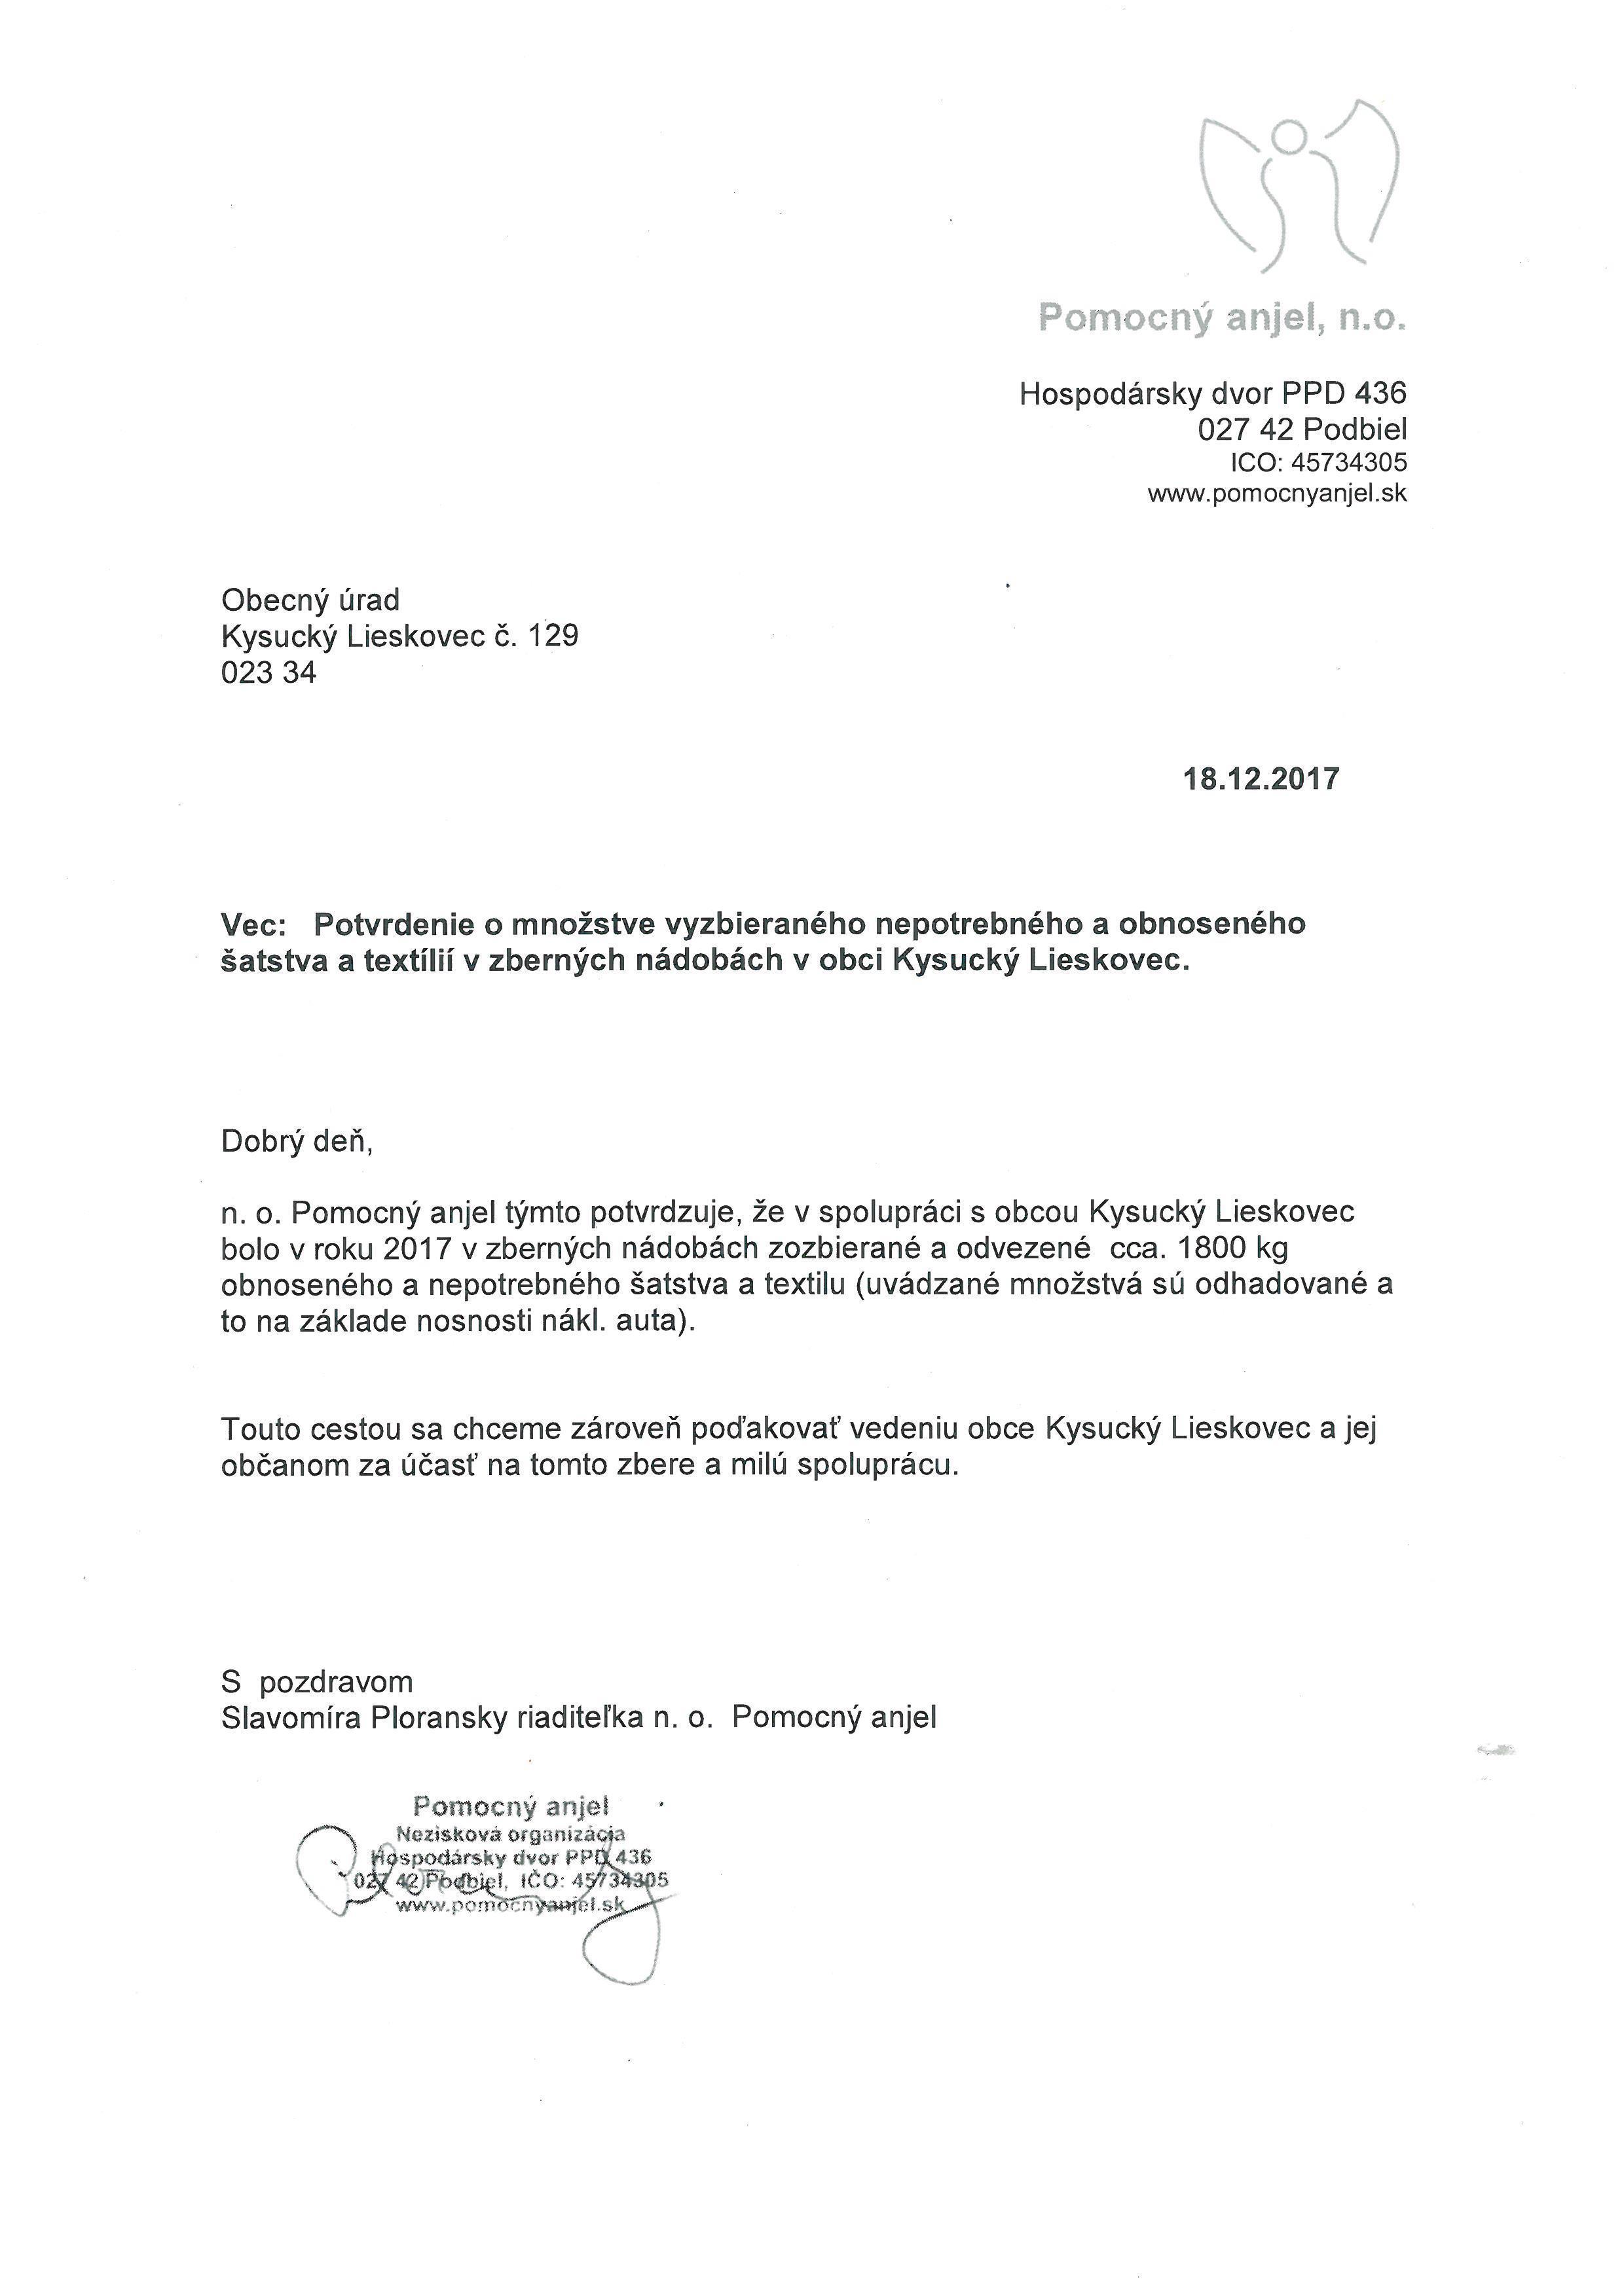 Potvrdenie o množstve vyzbieraného, nepotrebného, obnoseného šatstva a textílií v zberných nádobách v obci Kysucký Lieskovec